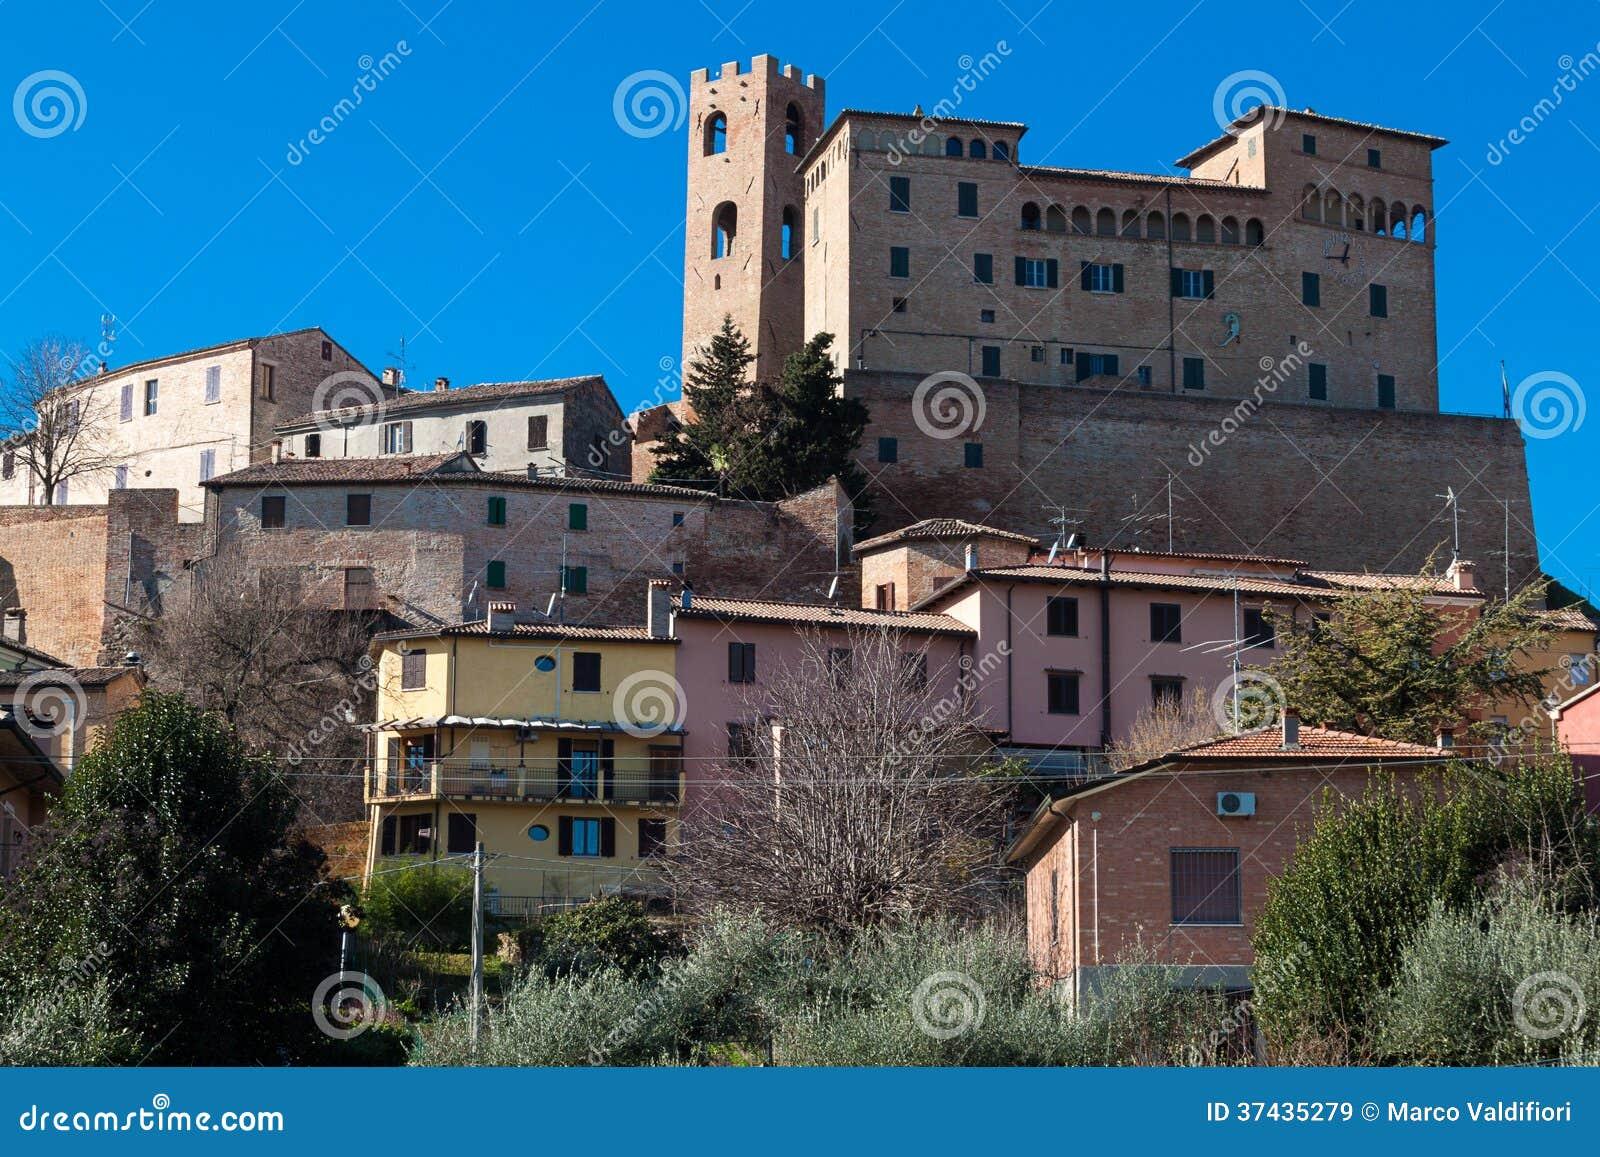 Malatesta castle in longiano